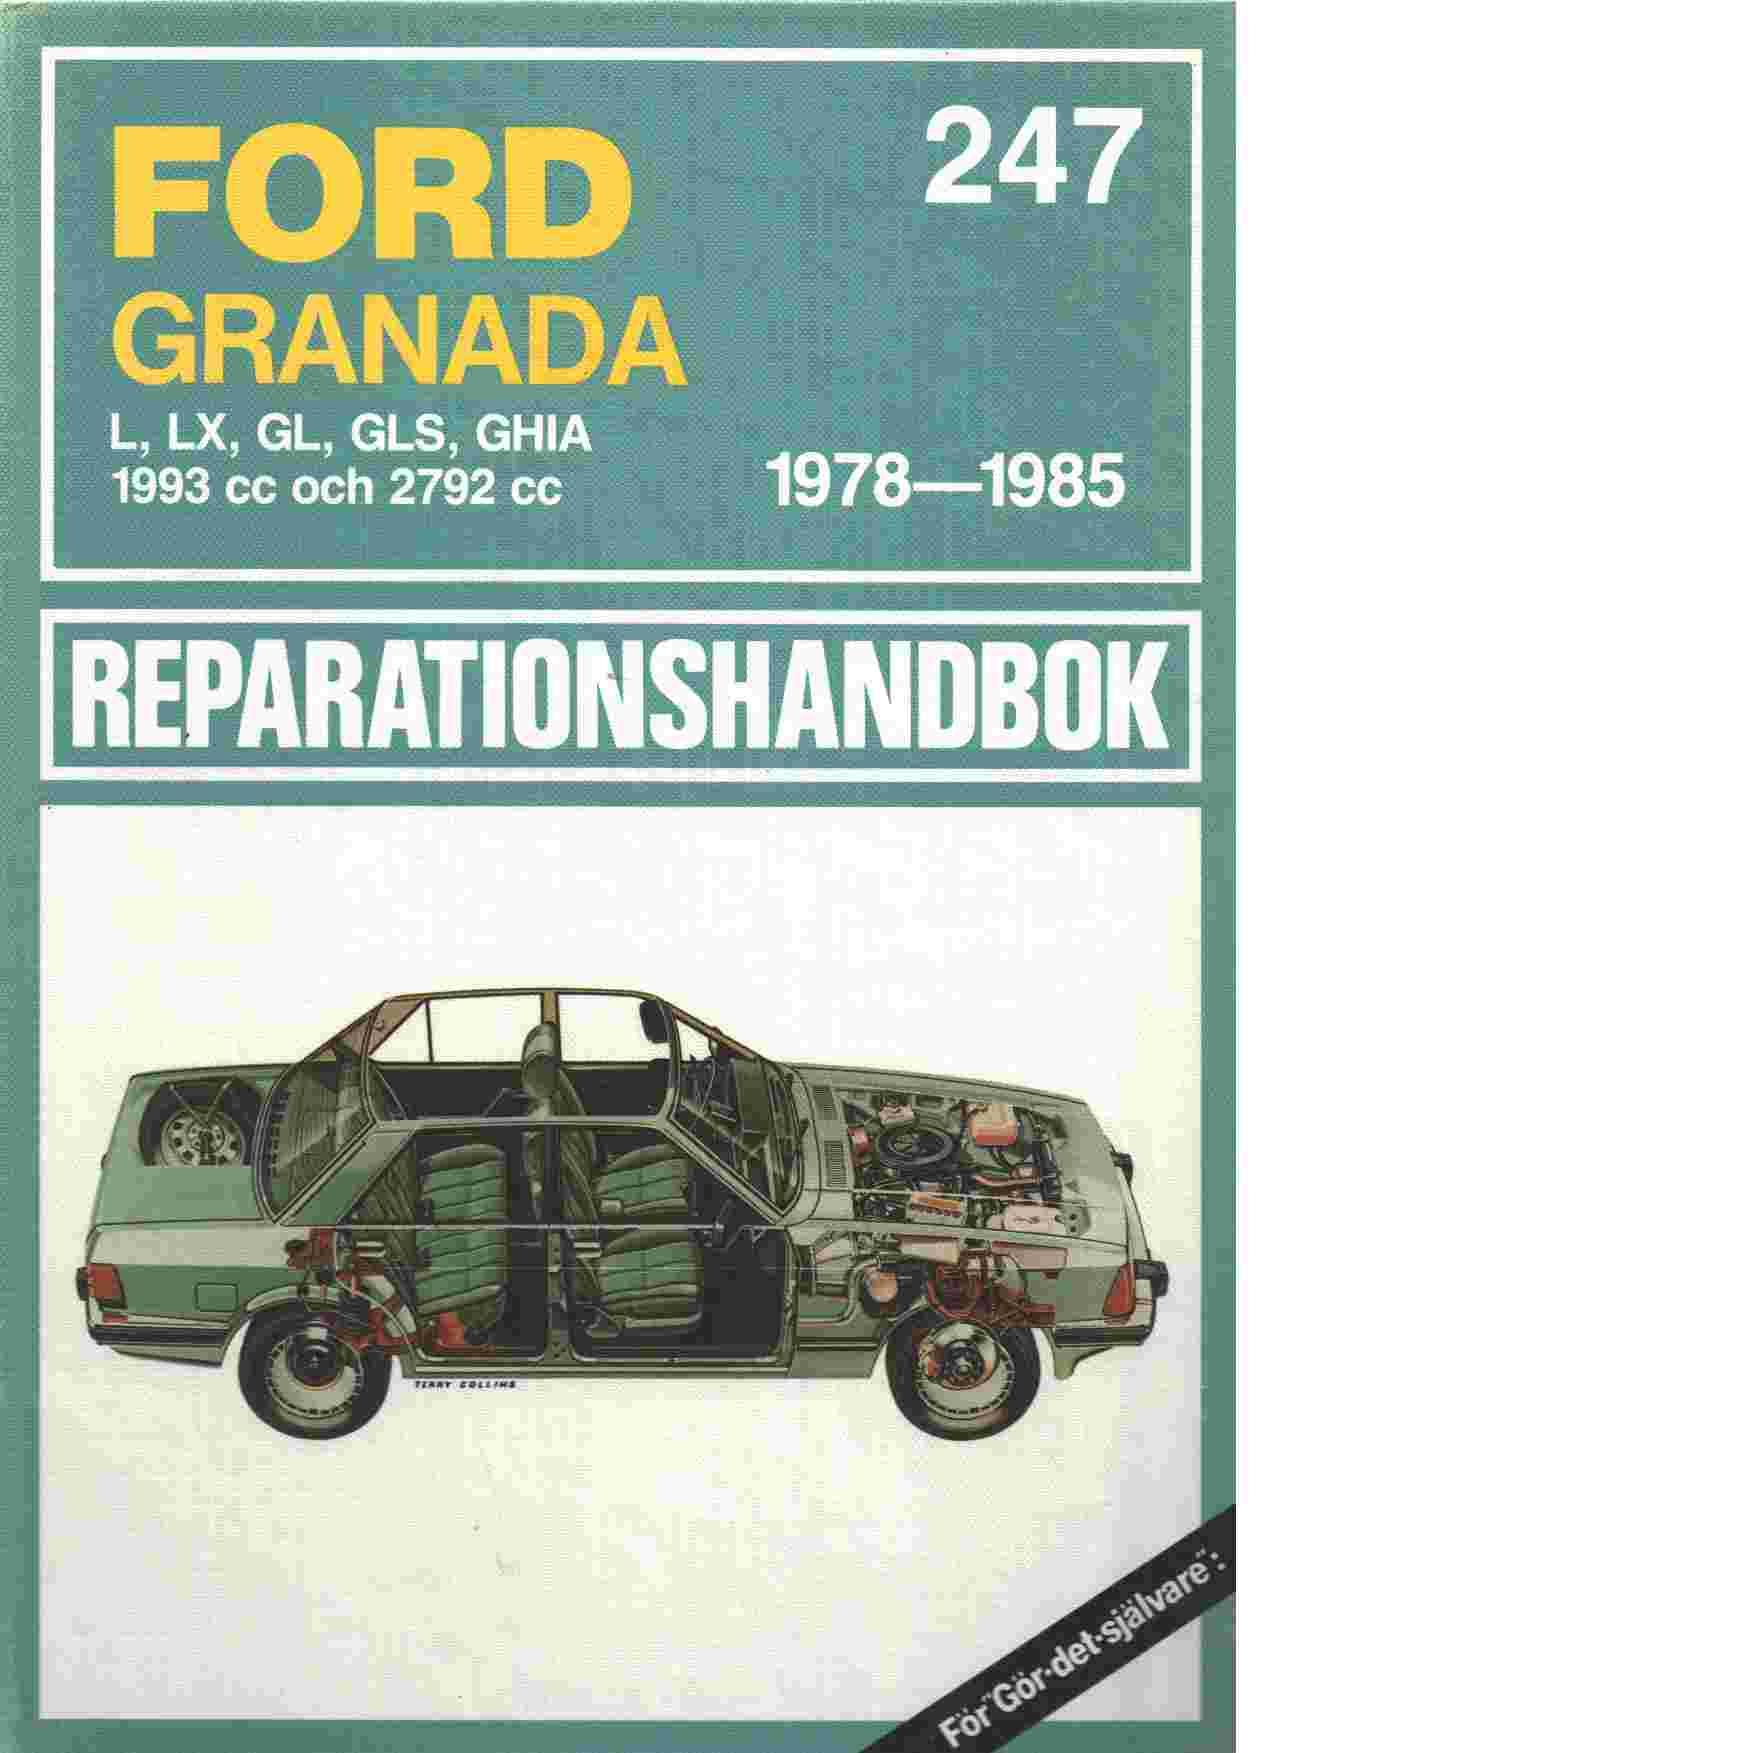 Ford Granada 1978 - 1985 : L, LX, GL, GLS, GHIA, 1993 cc och 2792 cc - Thorsell, P. O.